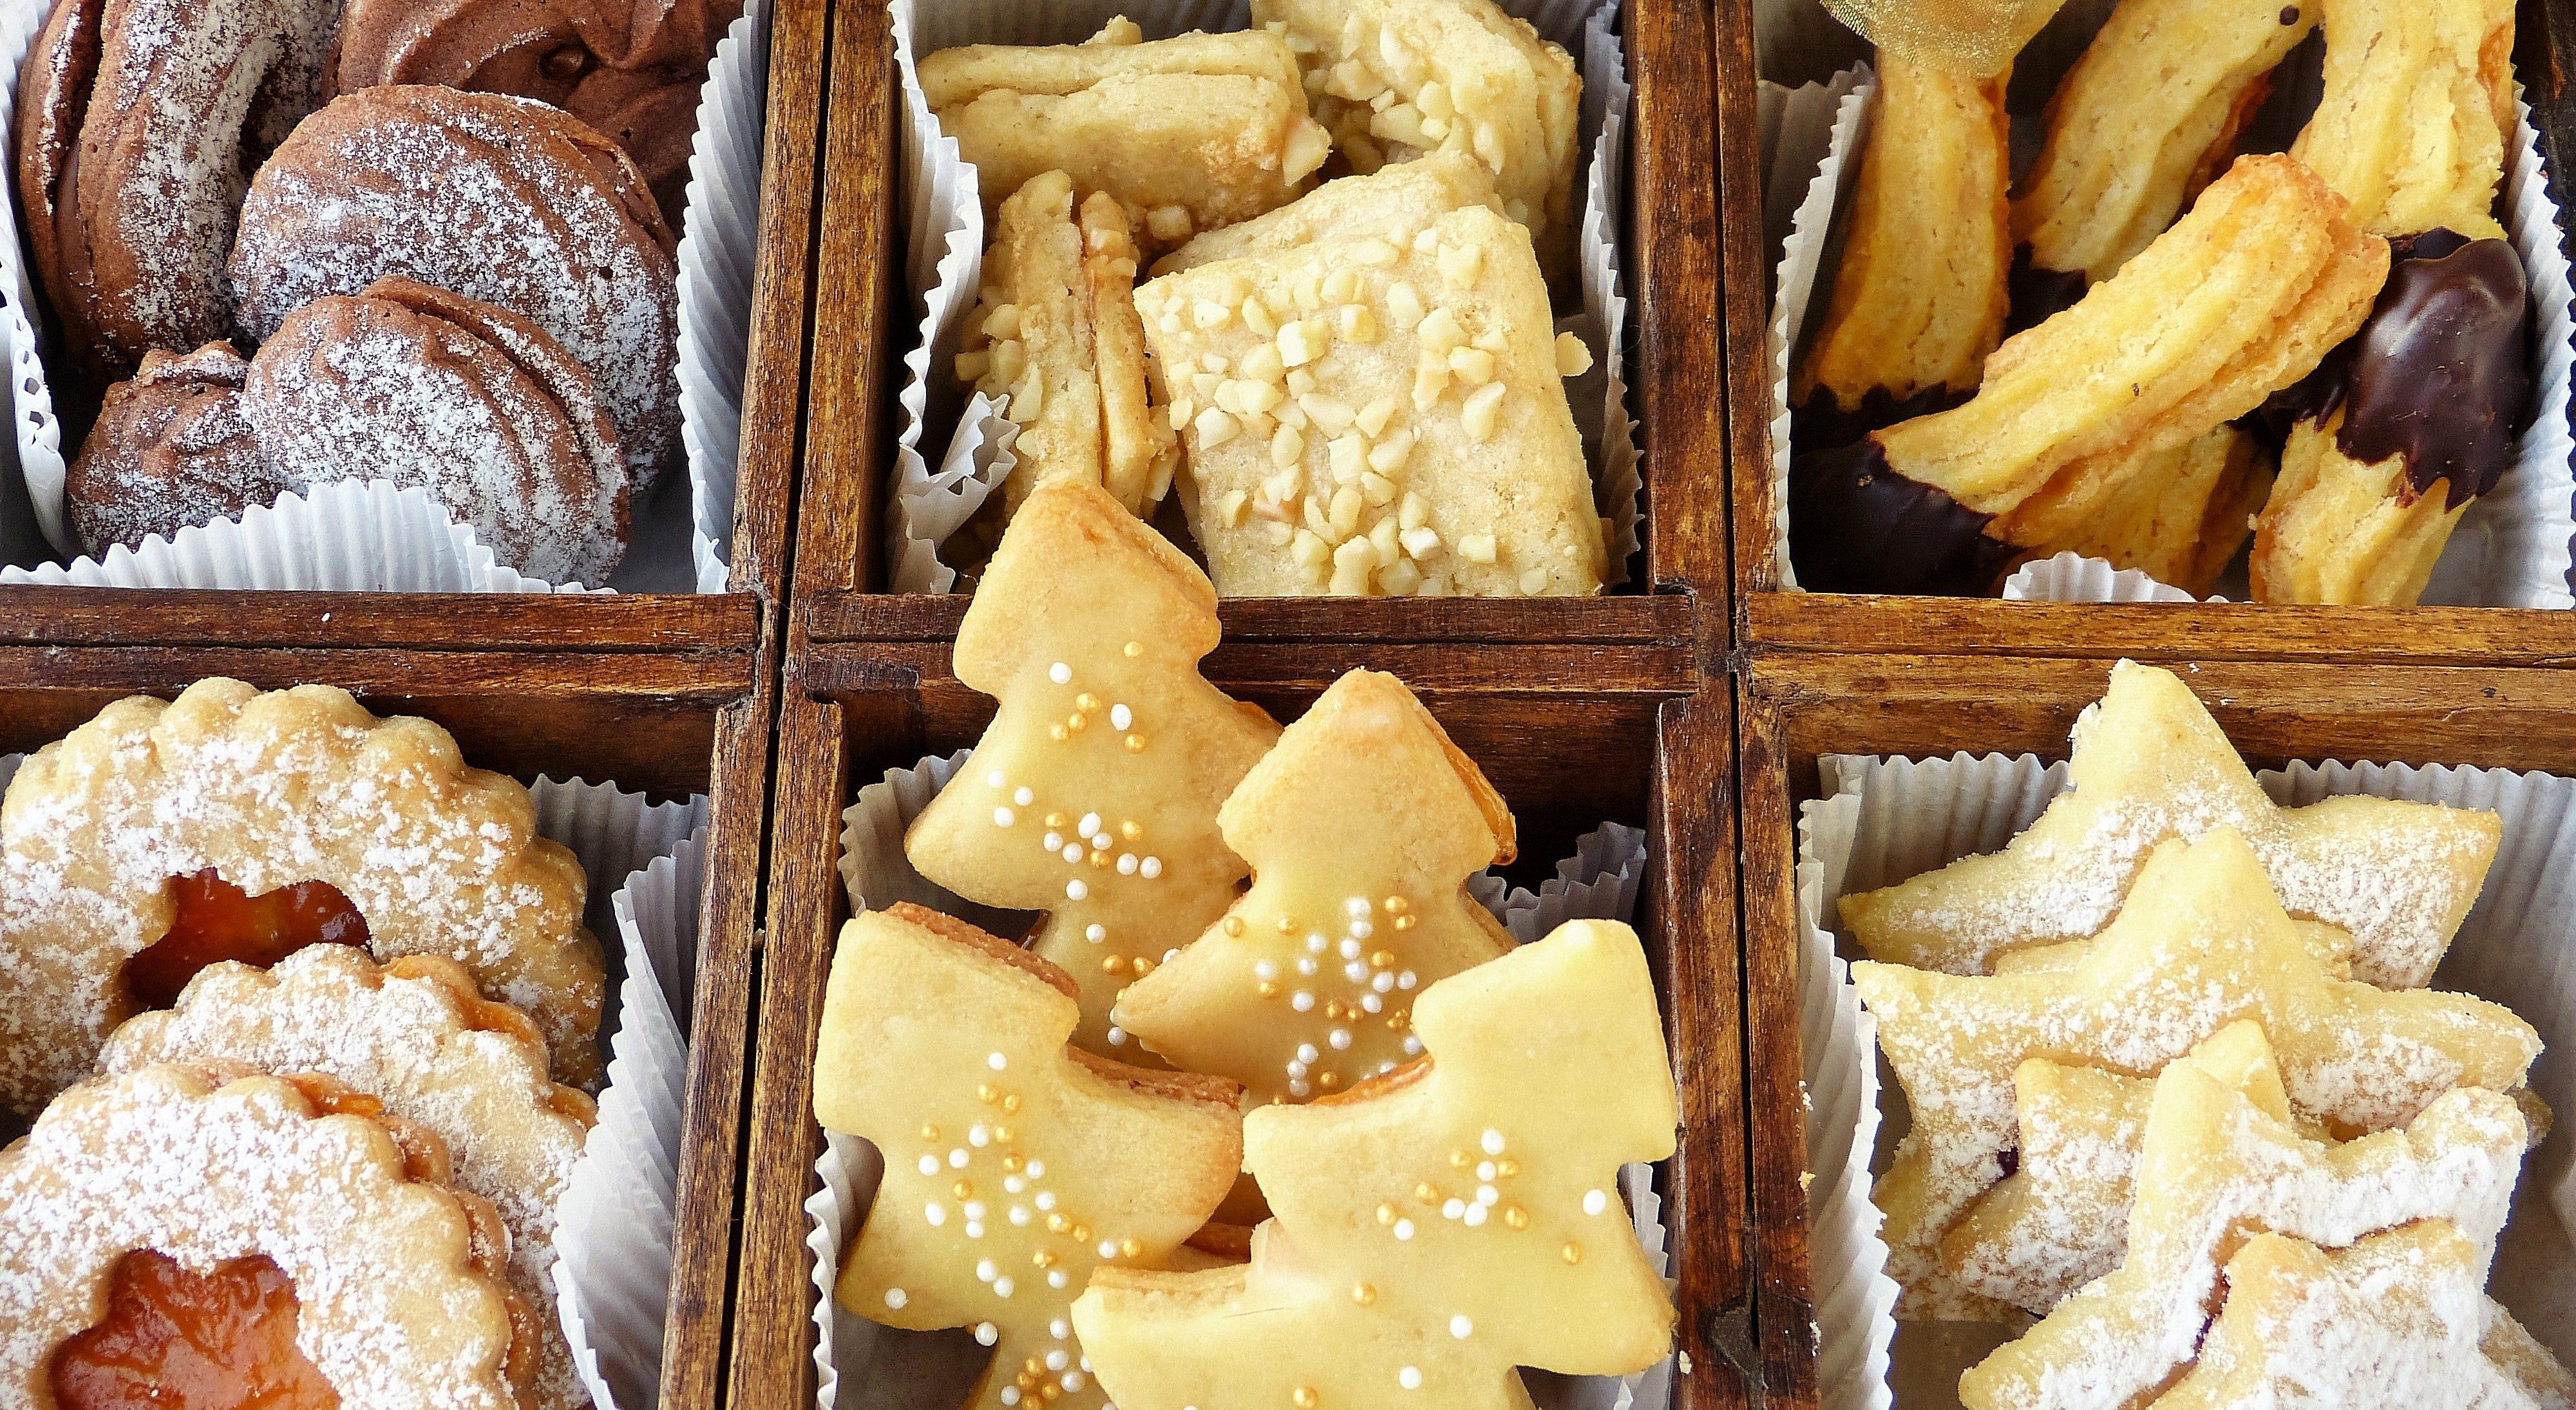 Assortment of cookies.